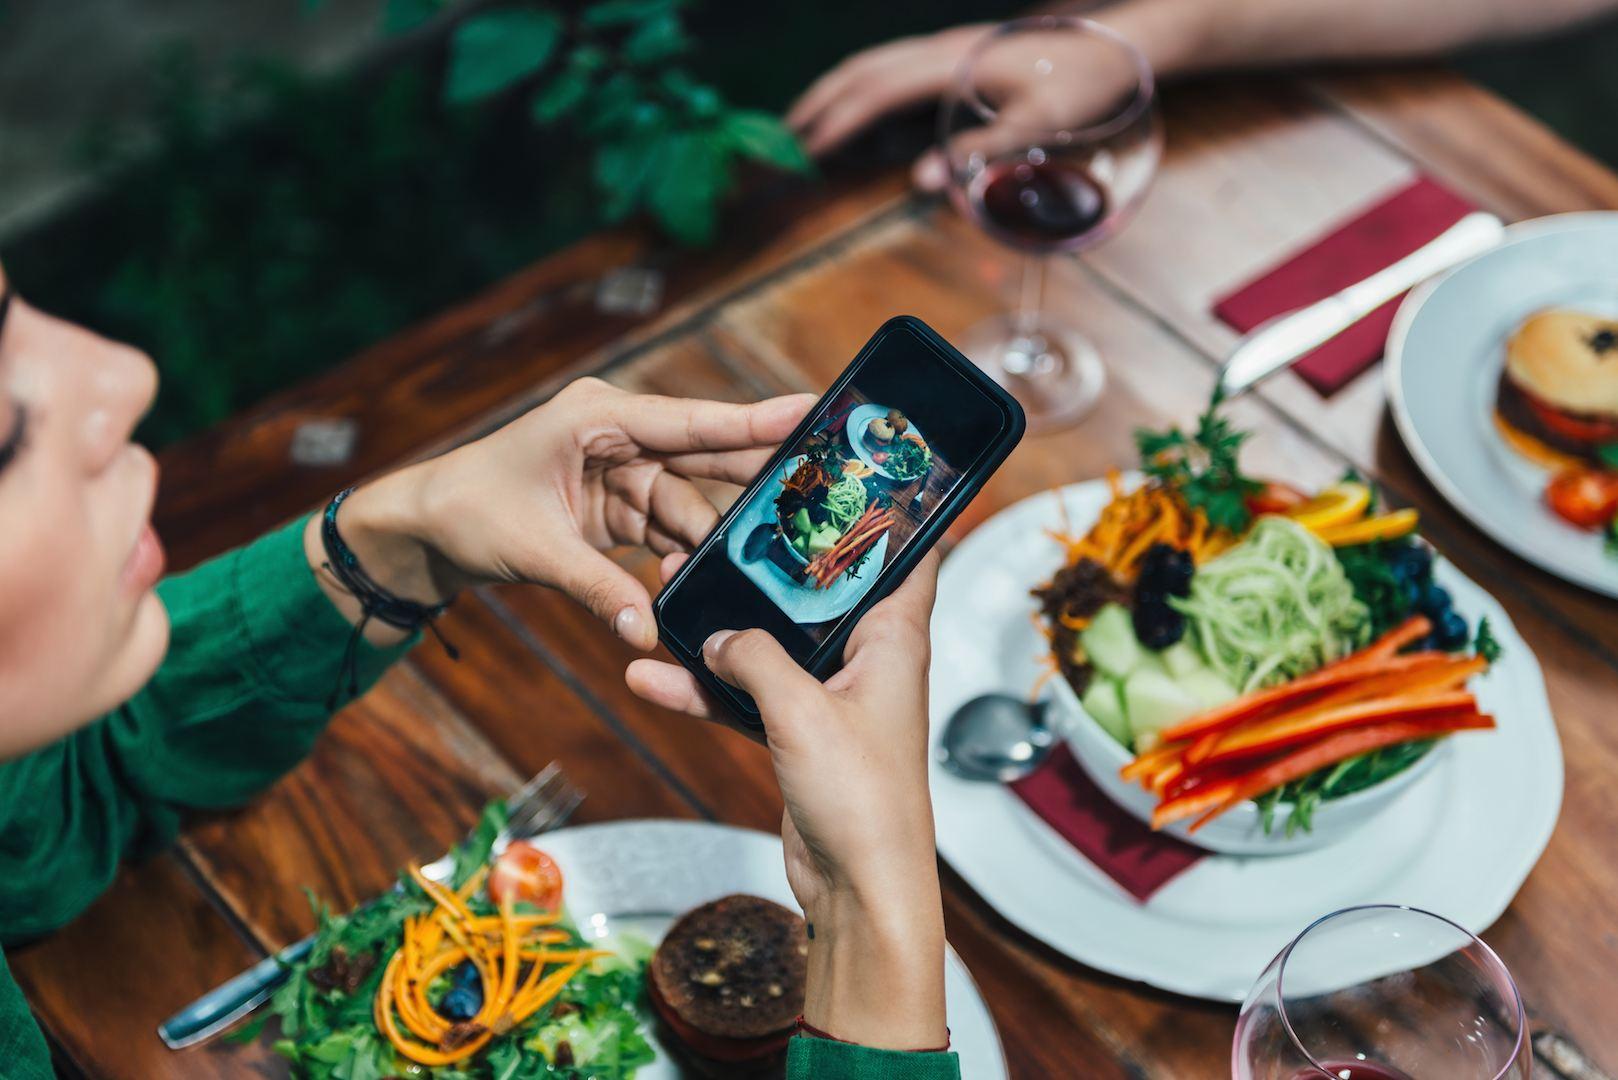 Toda a gente gosta de ver fotos de comida nas redes sociais